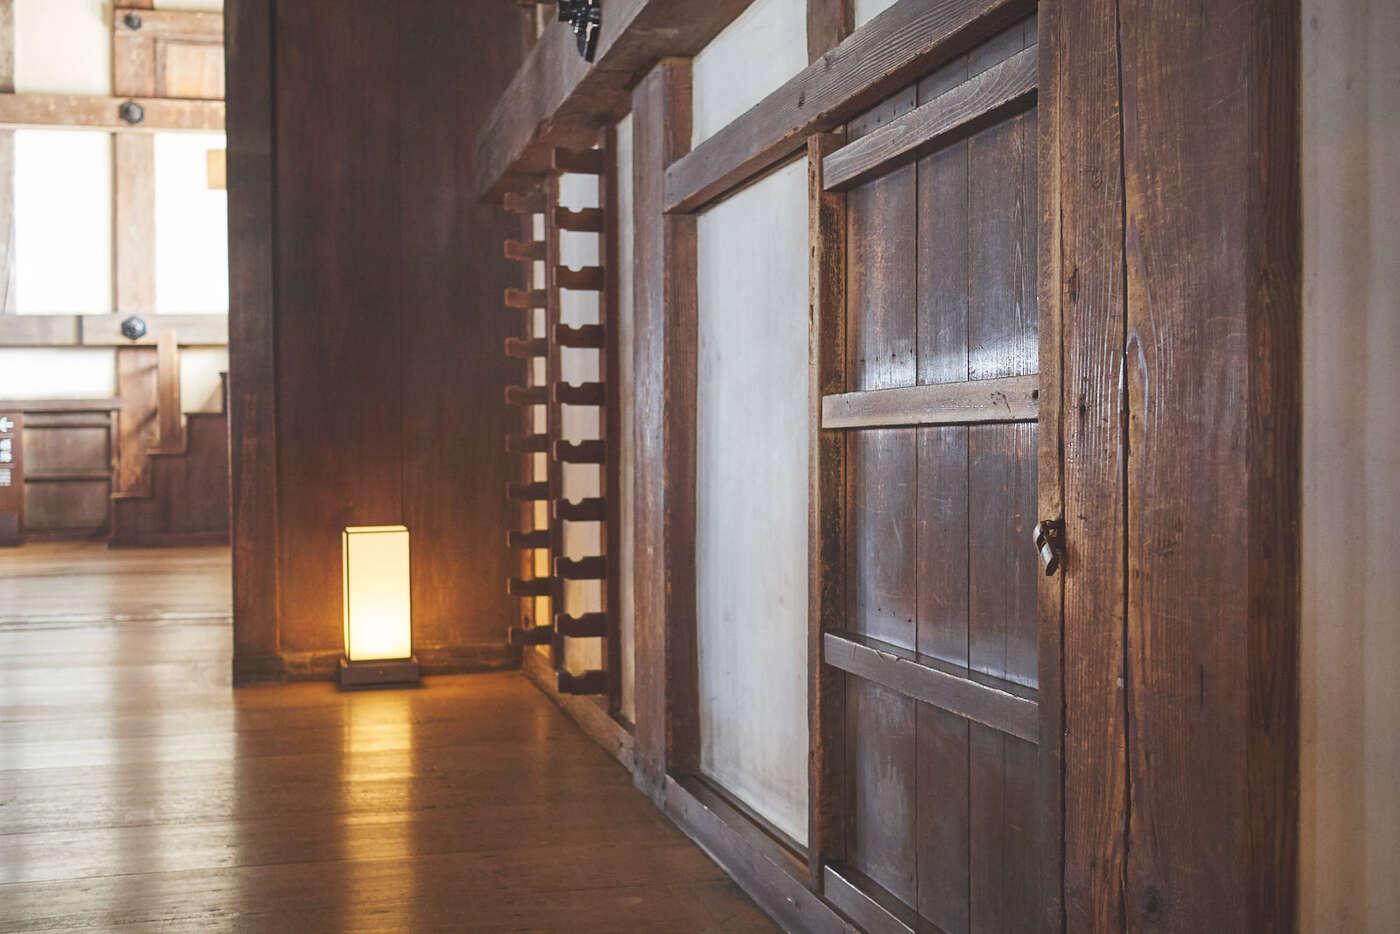 Passage dans le Château d'Himeji